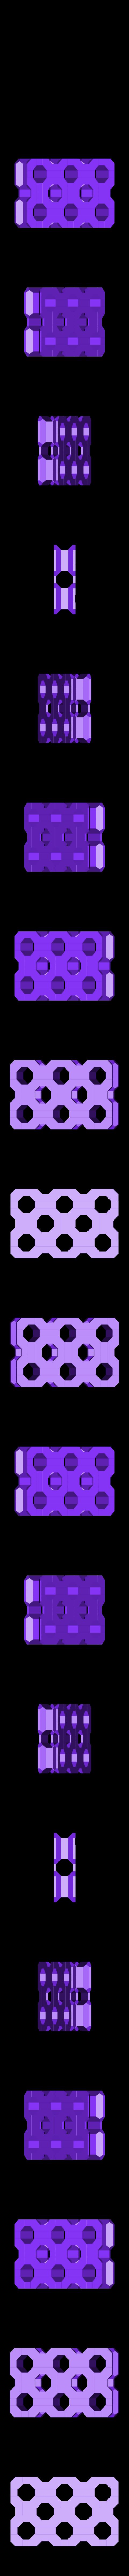 internal_structure1.stl Télécharger fichier STL gratuit Script de structure de tube interne pour OpenScad • Modèle pour impression 3D, zootopia3Dprints